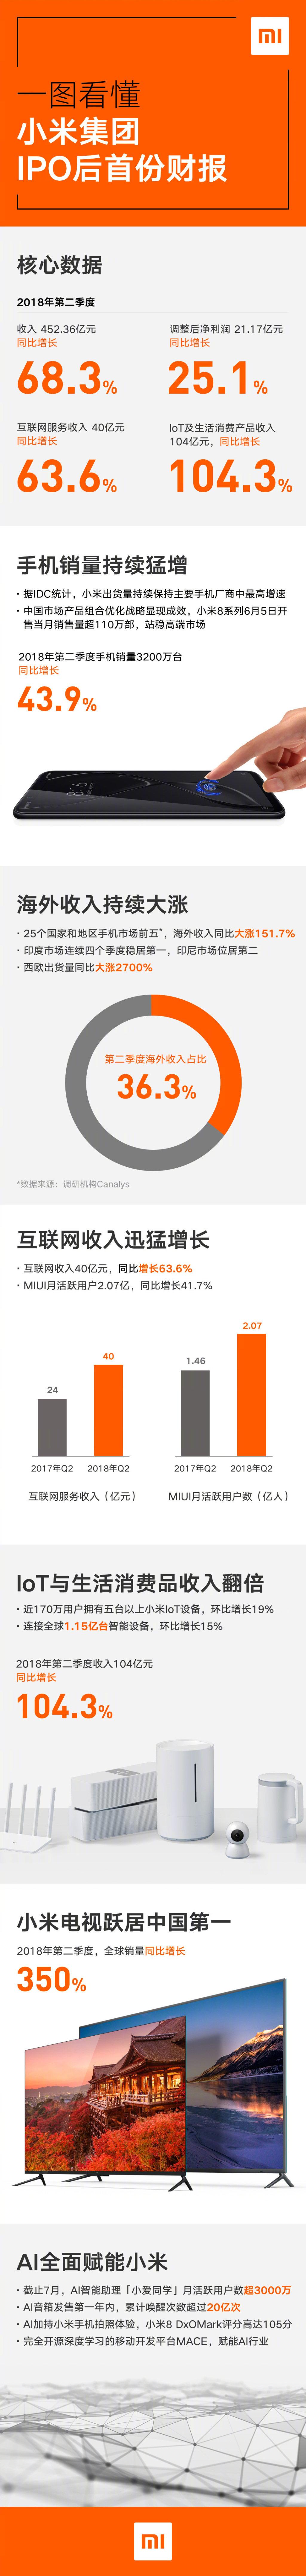 小米集团IOP后首份财报发布:小米电视全球销量中国第一